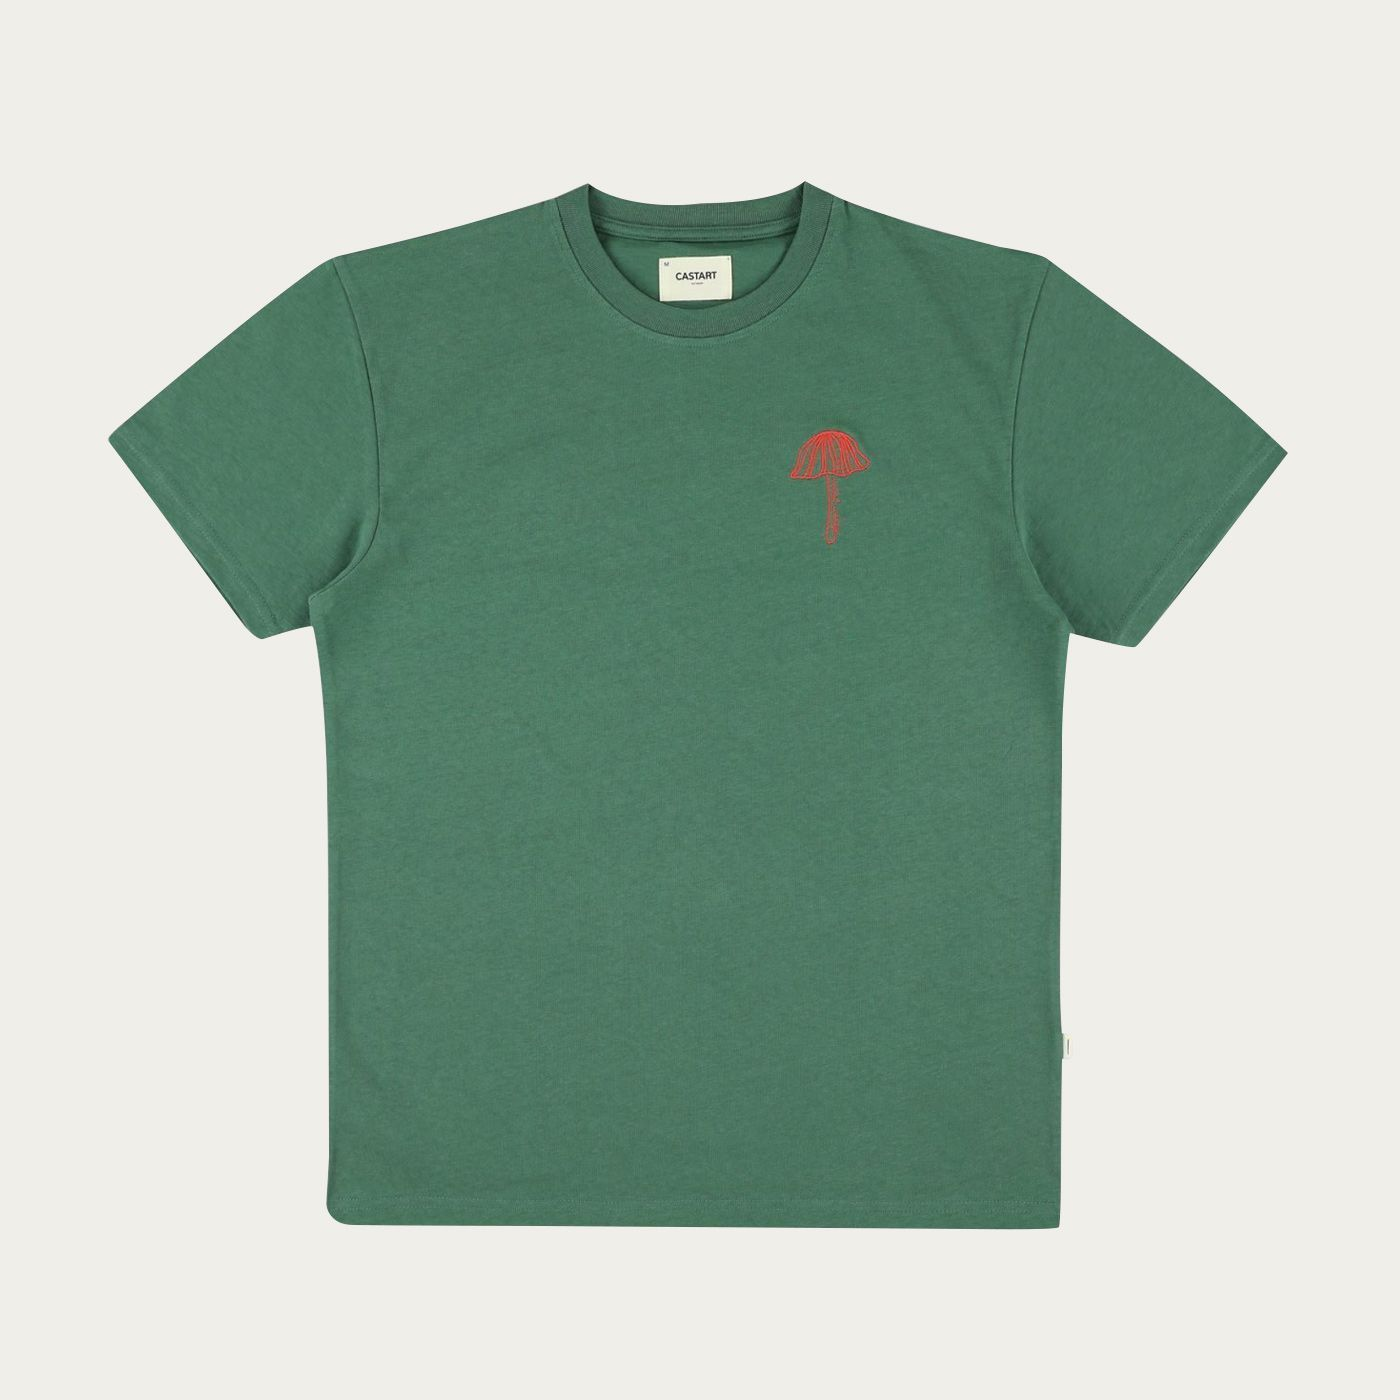 Green Castart T-Shirt   Bombinate